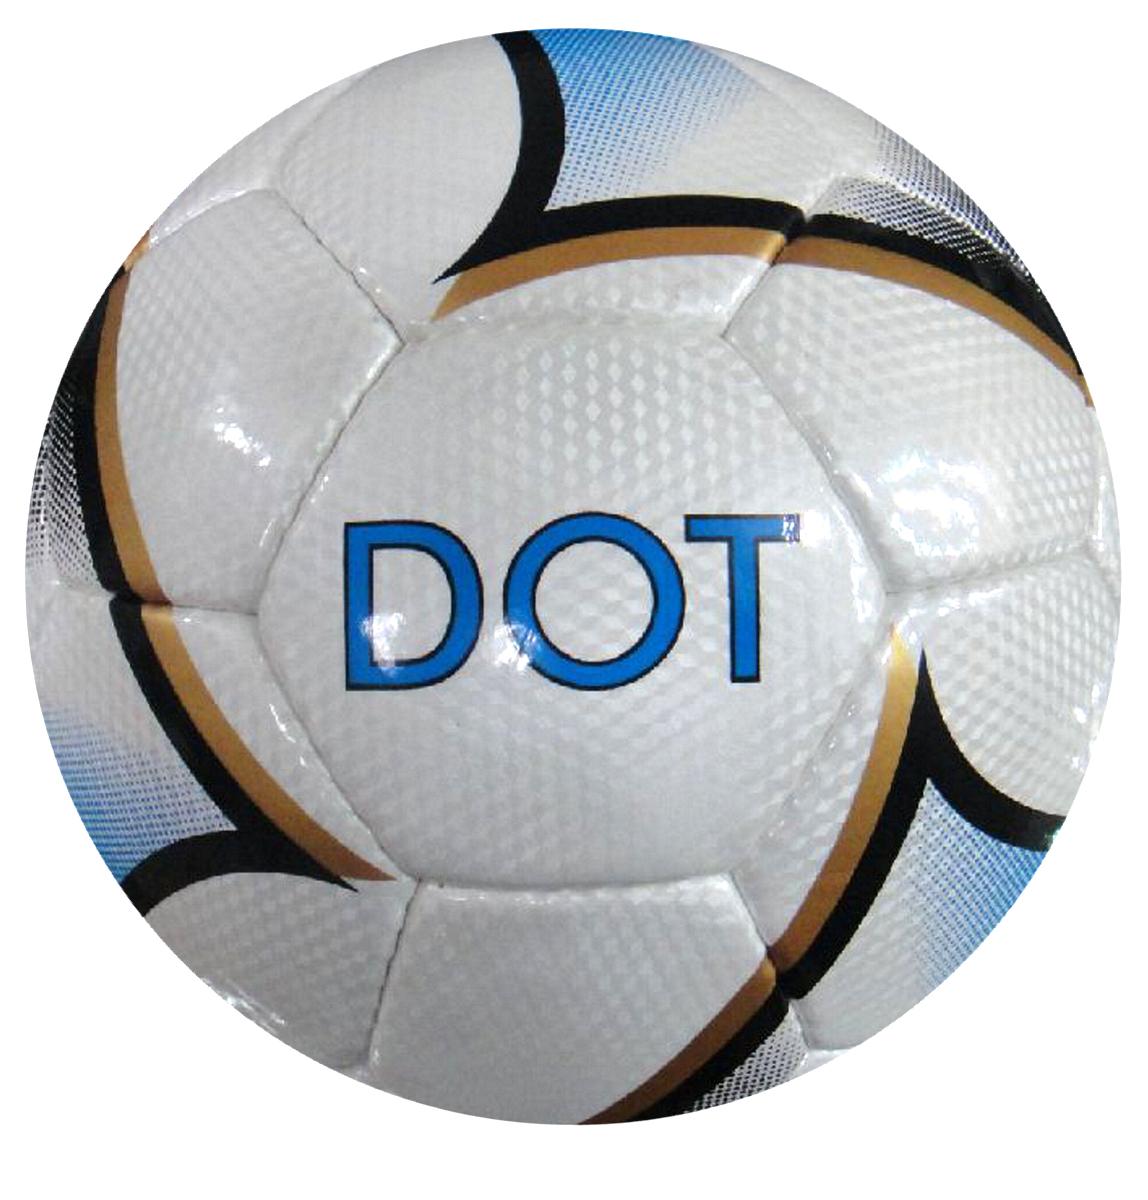 Мяч футбольный Atlas Dot, цвет: белый, черный, золотой. Размер 528261915Футбольный мяч Atlas Dot предназначен для проведения соревнований и игр команд среднего и любительского уровней, отлично подходит и для интенсивных тренировок. Мяч подходит для игры на любых поверхностях, но особенно рекомендуется для натуральных и искусственных газонов, полей с синтетическим покрытием различной степени жесткости. Также подходит для игры в любых погодных условиях (при соблюдении условий эксплуатации и ухода).Состоит из 32 панелей и 4 подкладочных слоев. Камера выполнена из латекса, она имеет бутиловый нипель, а покрышка из синтетической кожи.